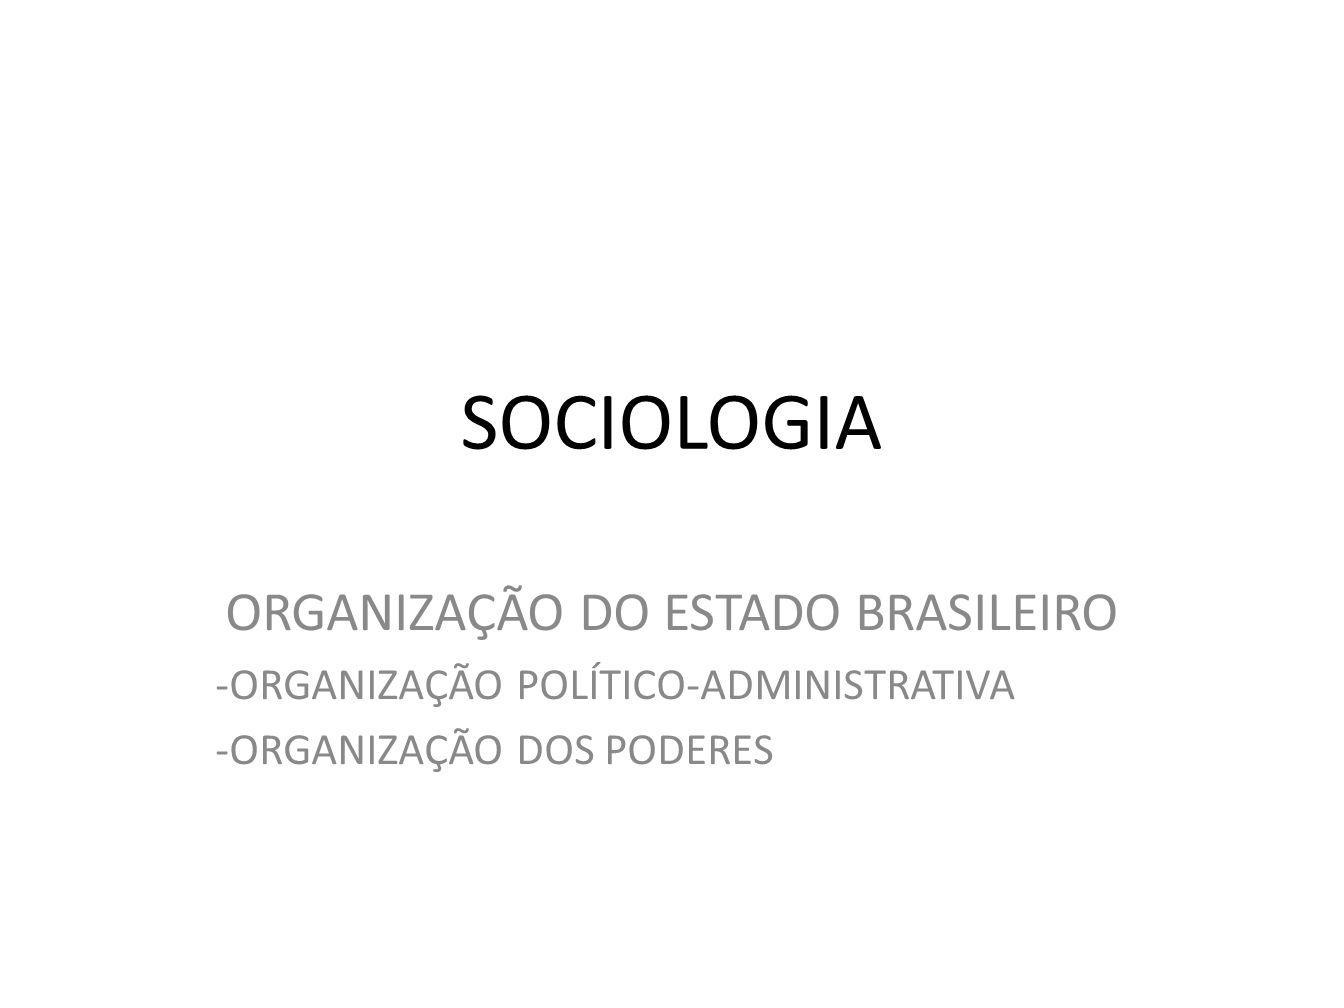 SOCIOLOGIA ORGANIZAÇÃO DO ESTADO BRASILEIRO -ORGANIZAÇÃO POLÍTICO-ADMINISTRATIVA -ORGANIZAÇÃO DOS PODERES